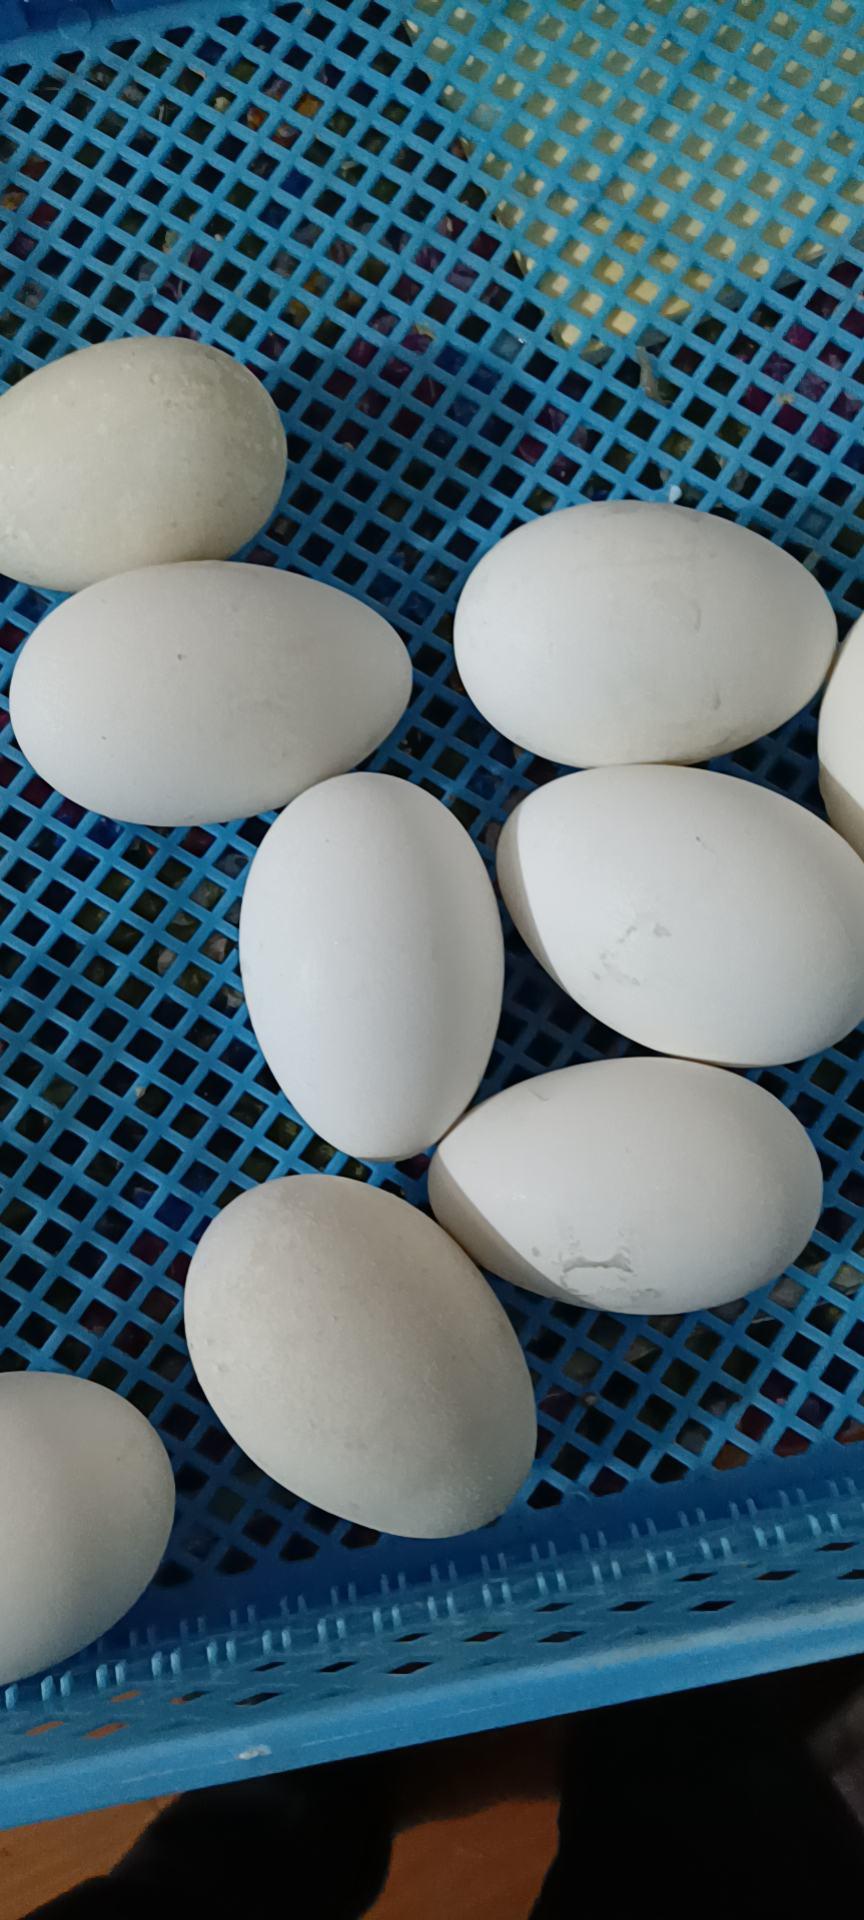 驼鸟蛋,驼鸟苗,狮头鹅,狮头种蛋出售